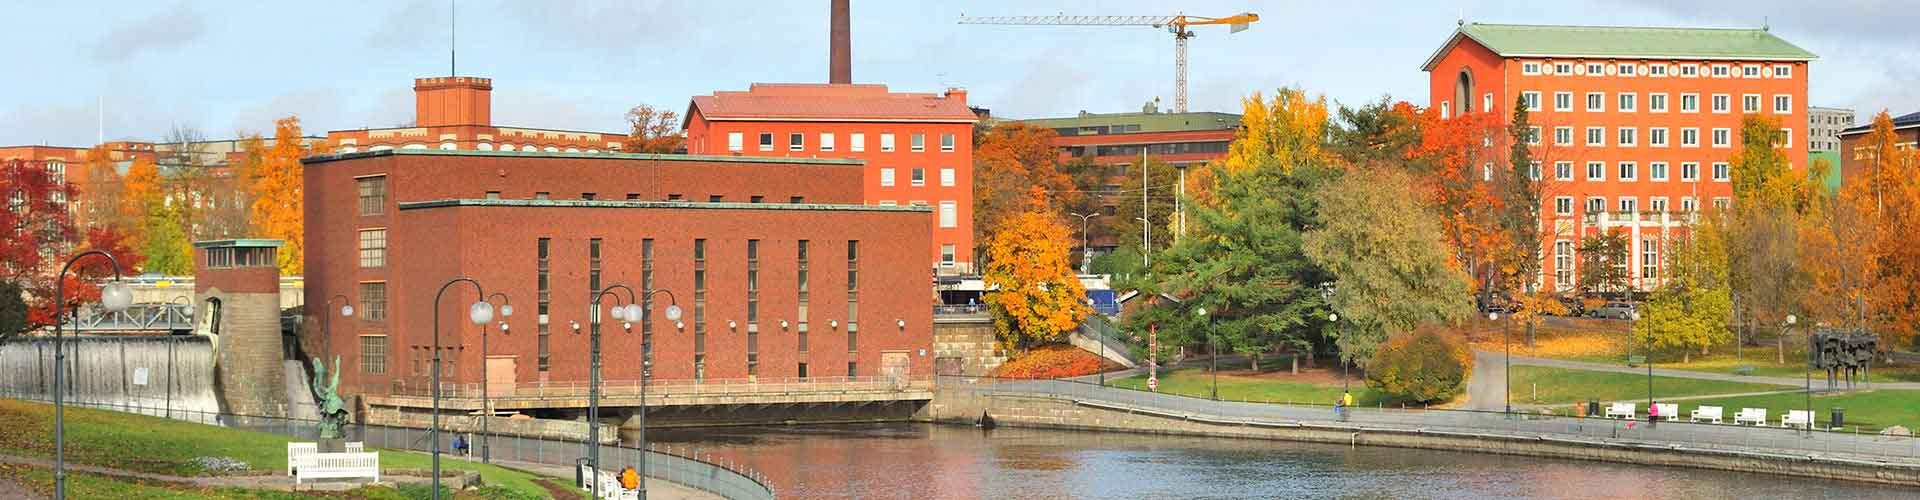 Tampere - Hoteles baratos en Tampere. Mapas de Tampere, Fotos y comentarios de cada Hotel en Tampere.